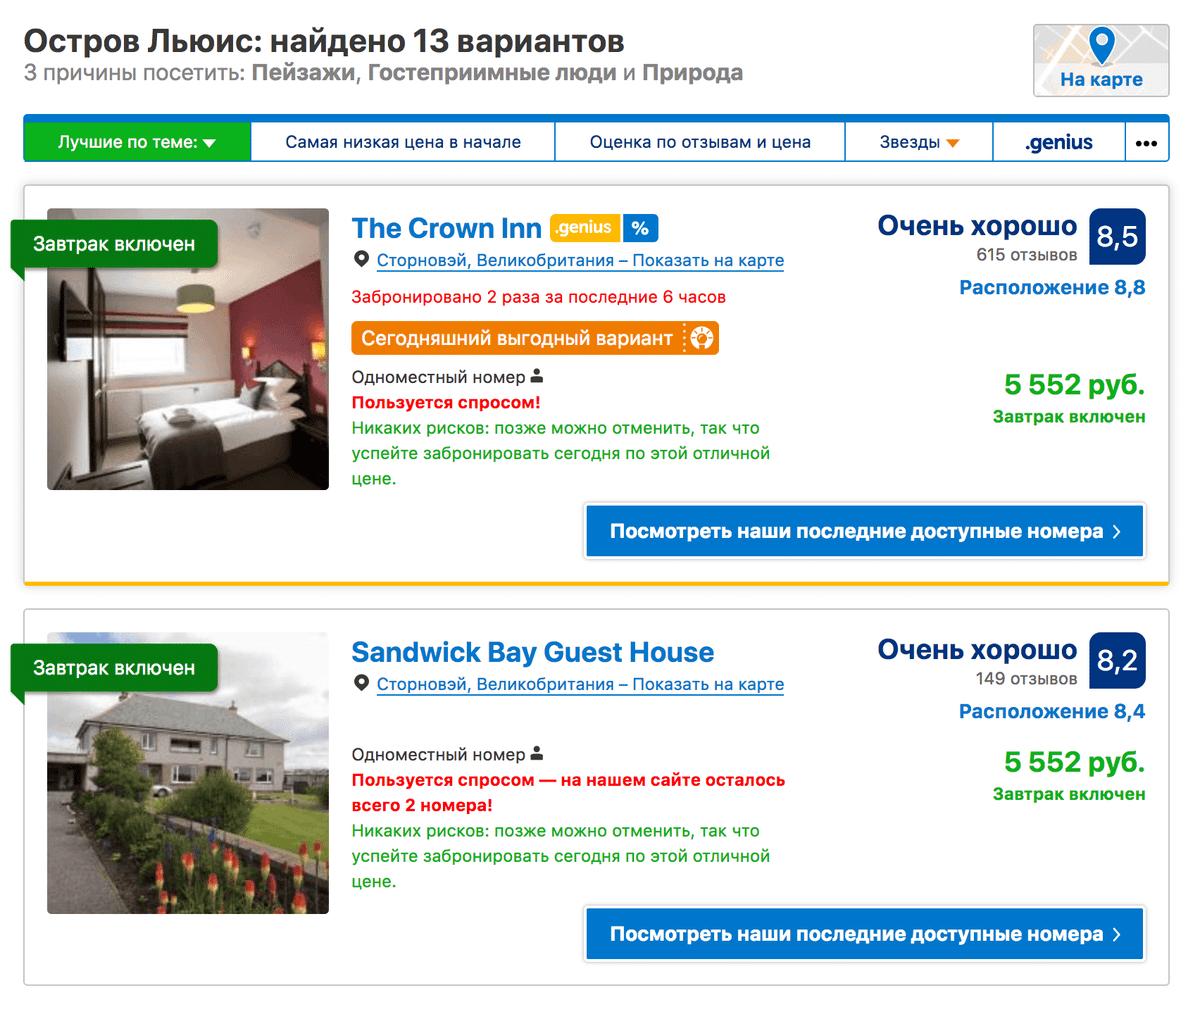 Варианты гостиниц на острове Льюис: номеров дешевле 5000<span class=ruble>Р</span> я не нашел